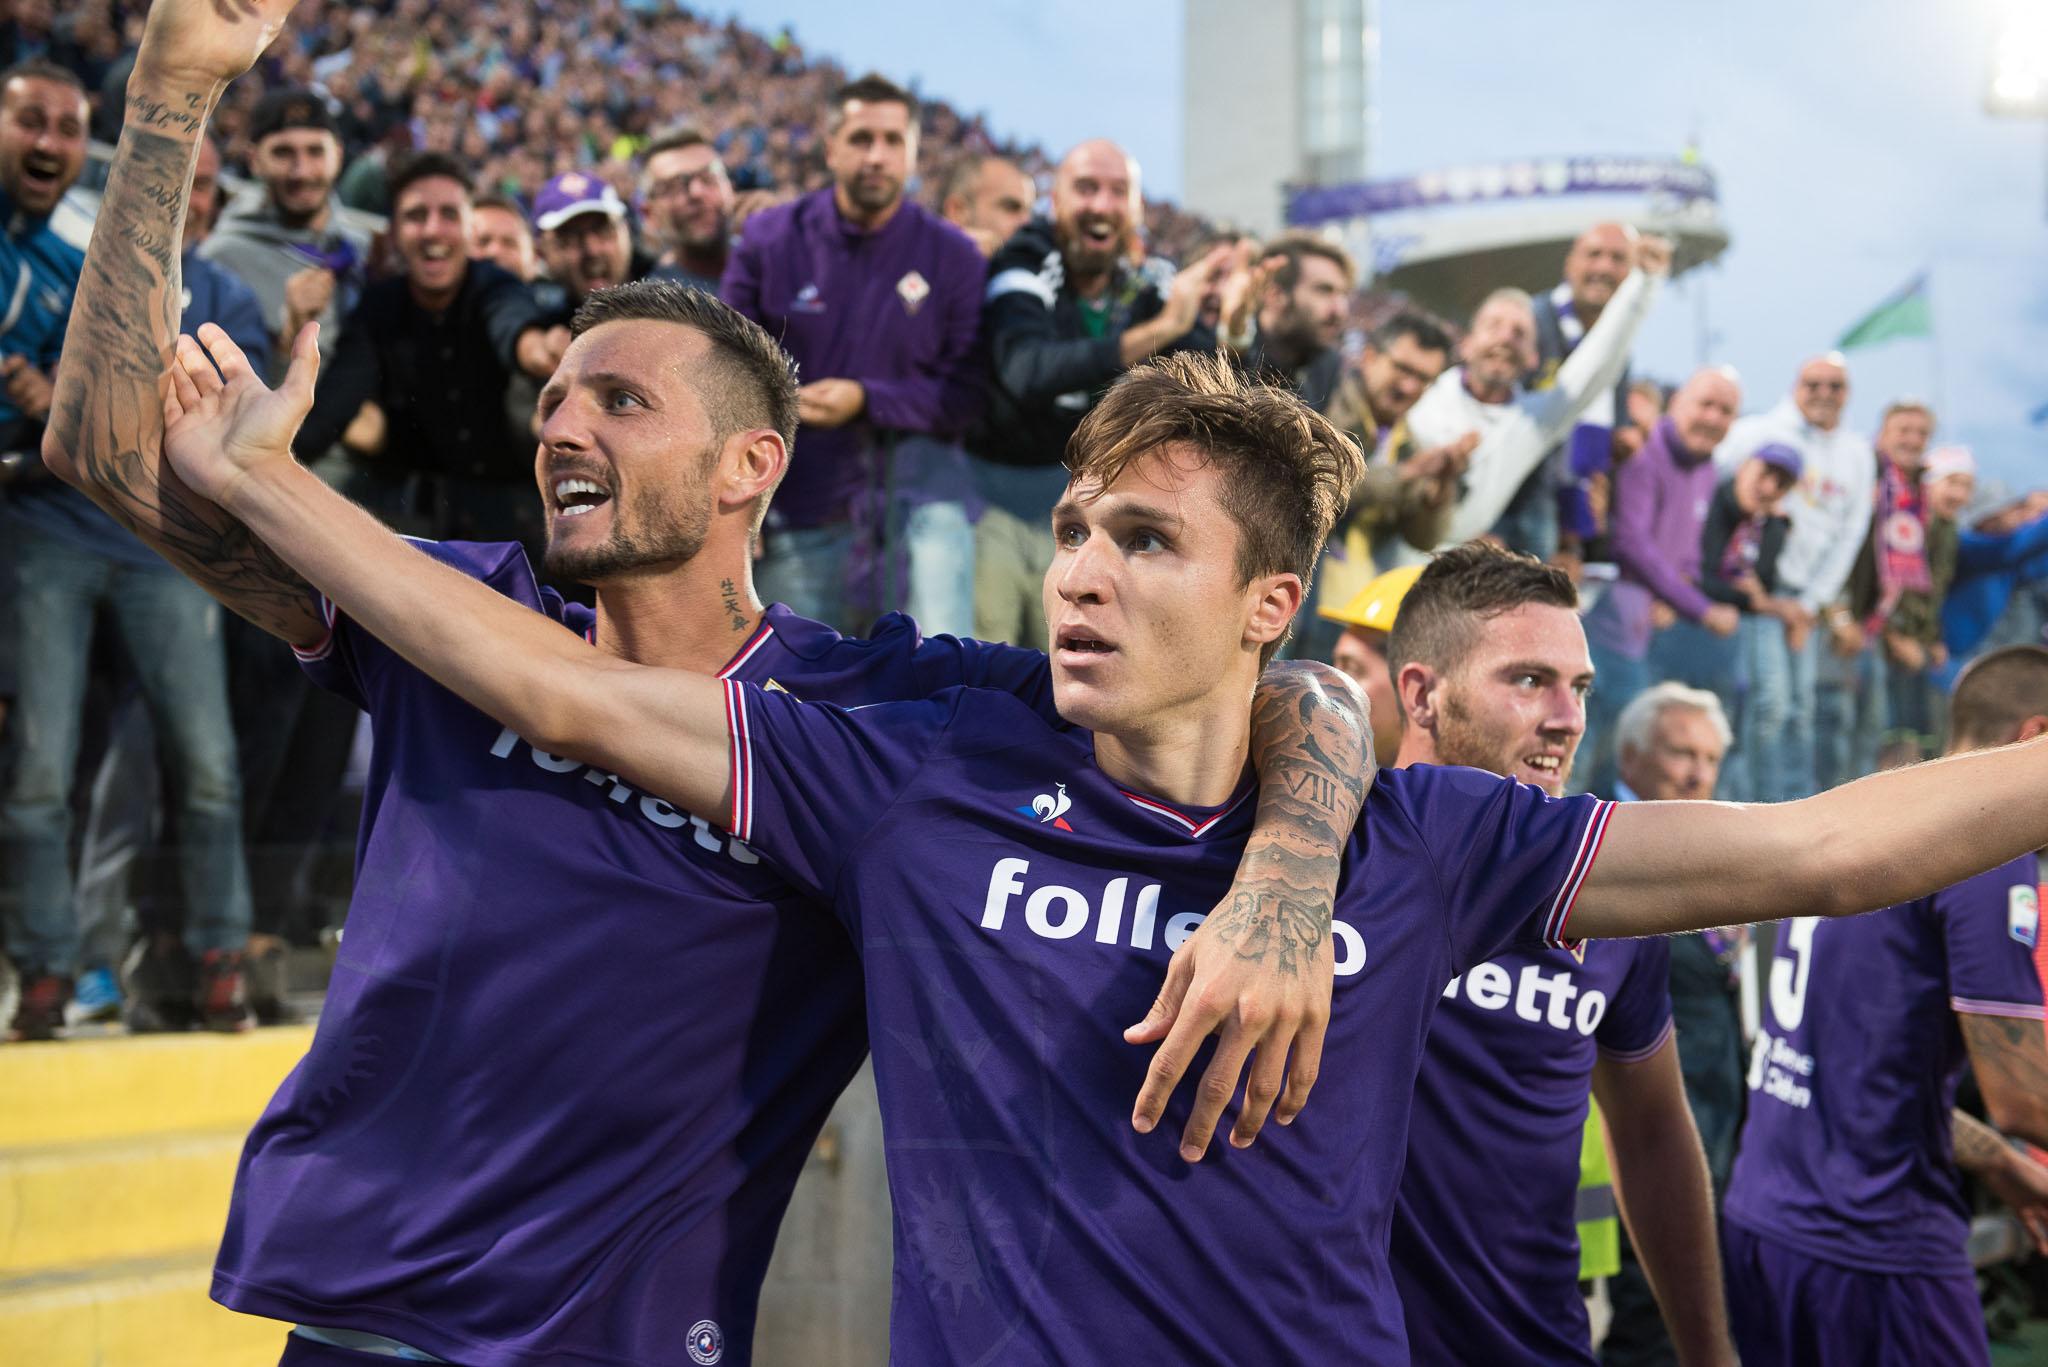 Federico Chiesa è sempre più innamorato della Fiorentina. Adesso tocca al nuovo contratto, il confronto con Babacar non regge…